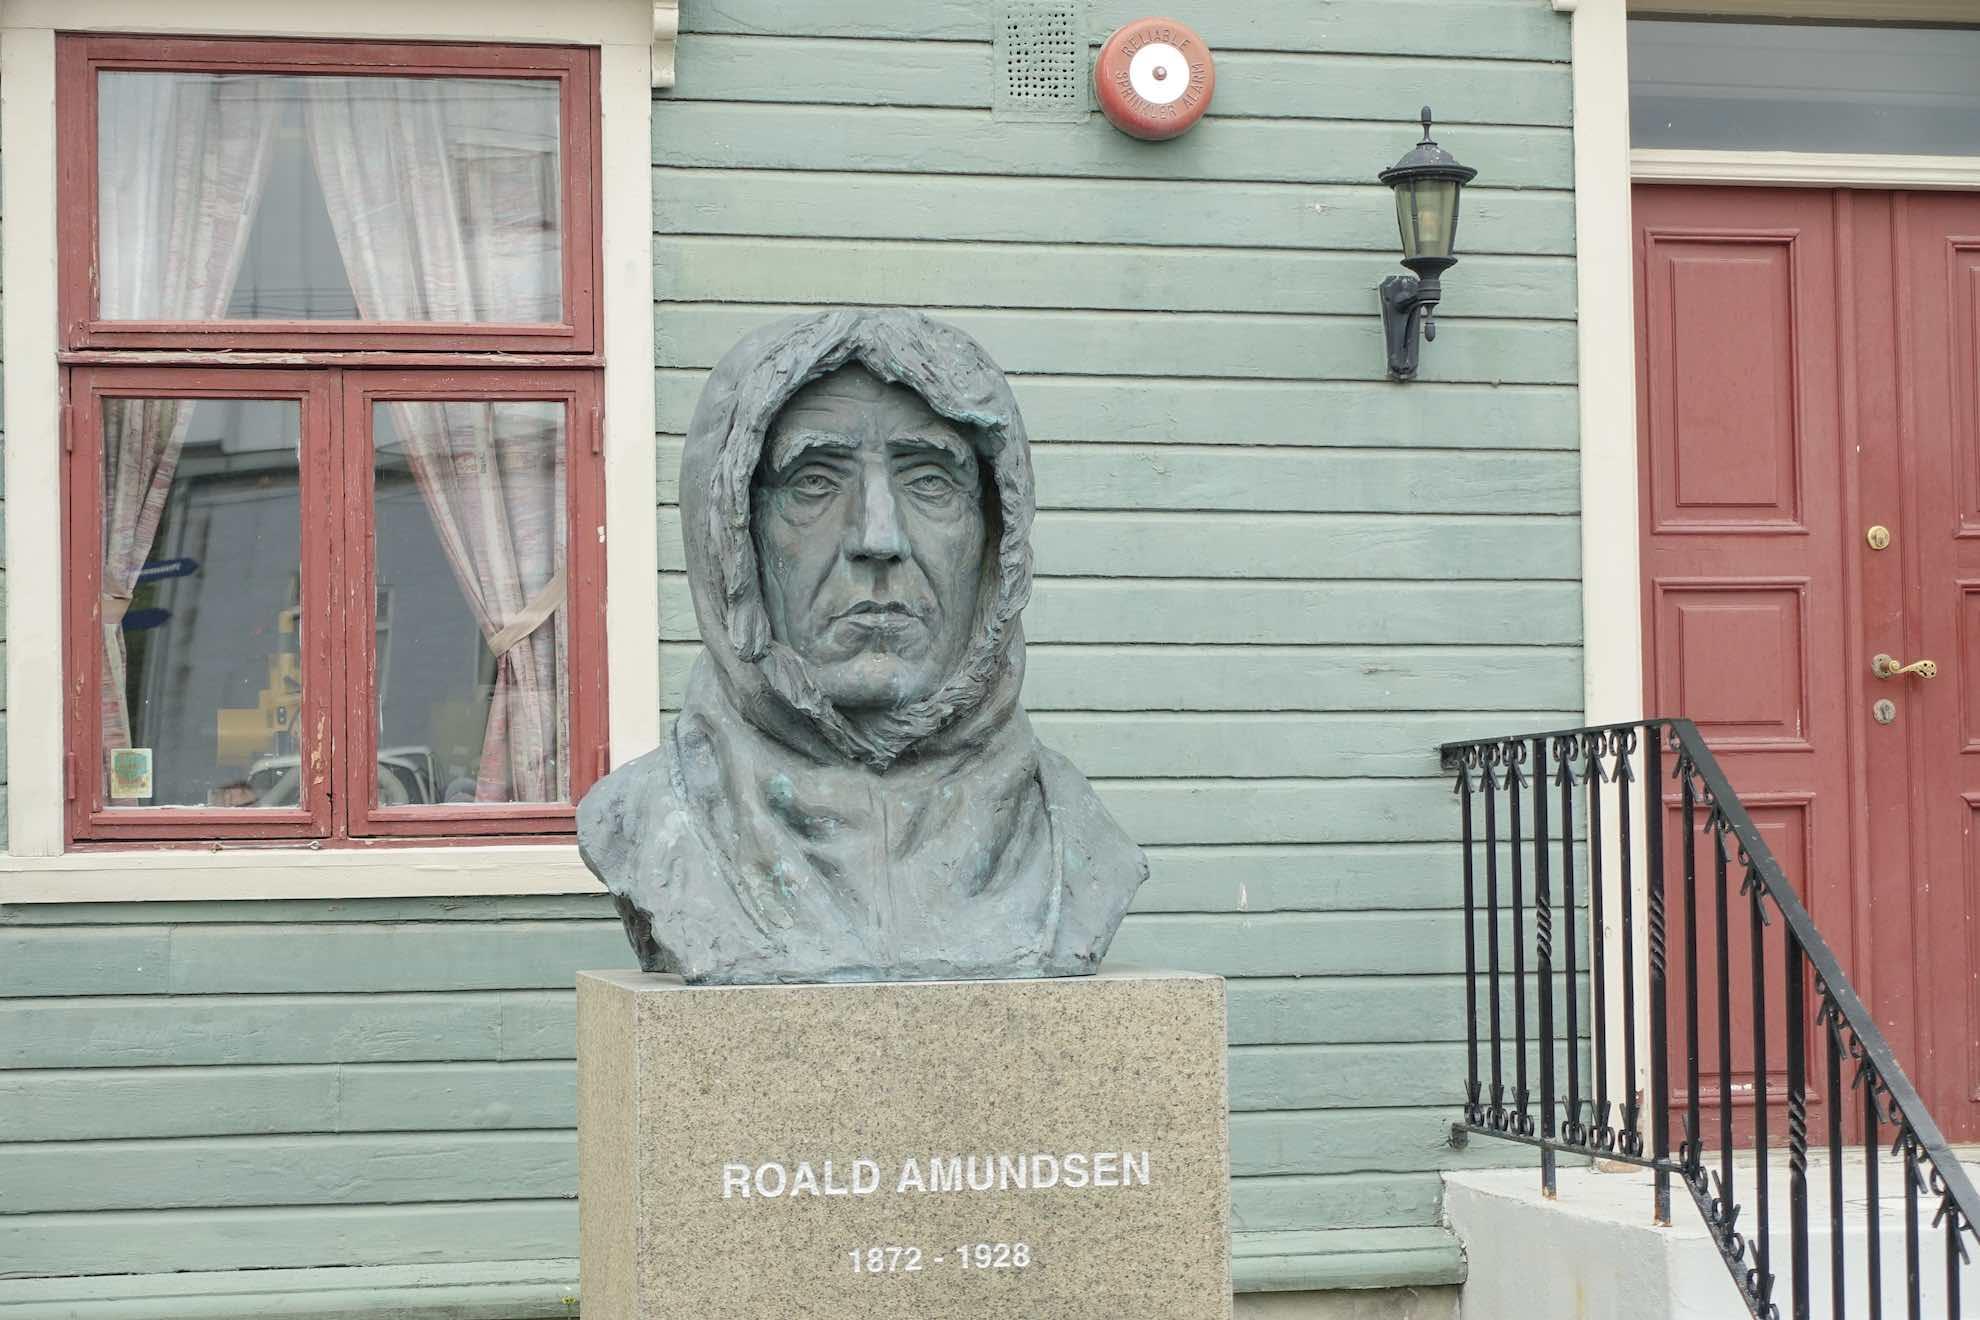 Eine Büste Roald Amundsens. Dem berühmten Polarforscher werden wir später noch einmal begegnen.